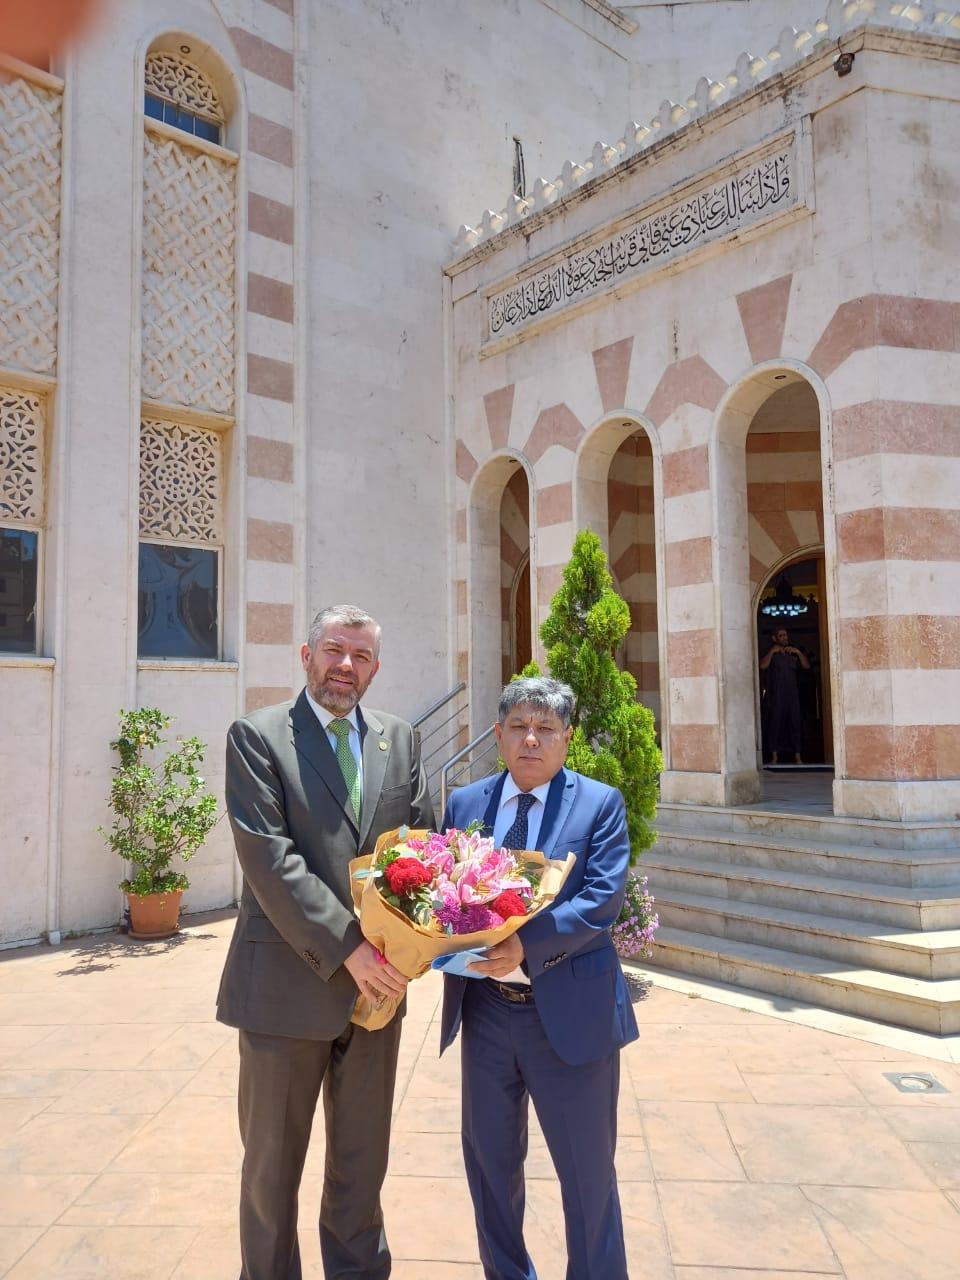 البعثة الدبلوماسية لجمهورية كازاخستان  في لبنان تزور جامعة طرابلس (2/13)